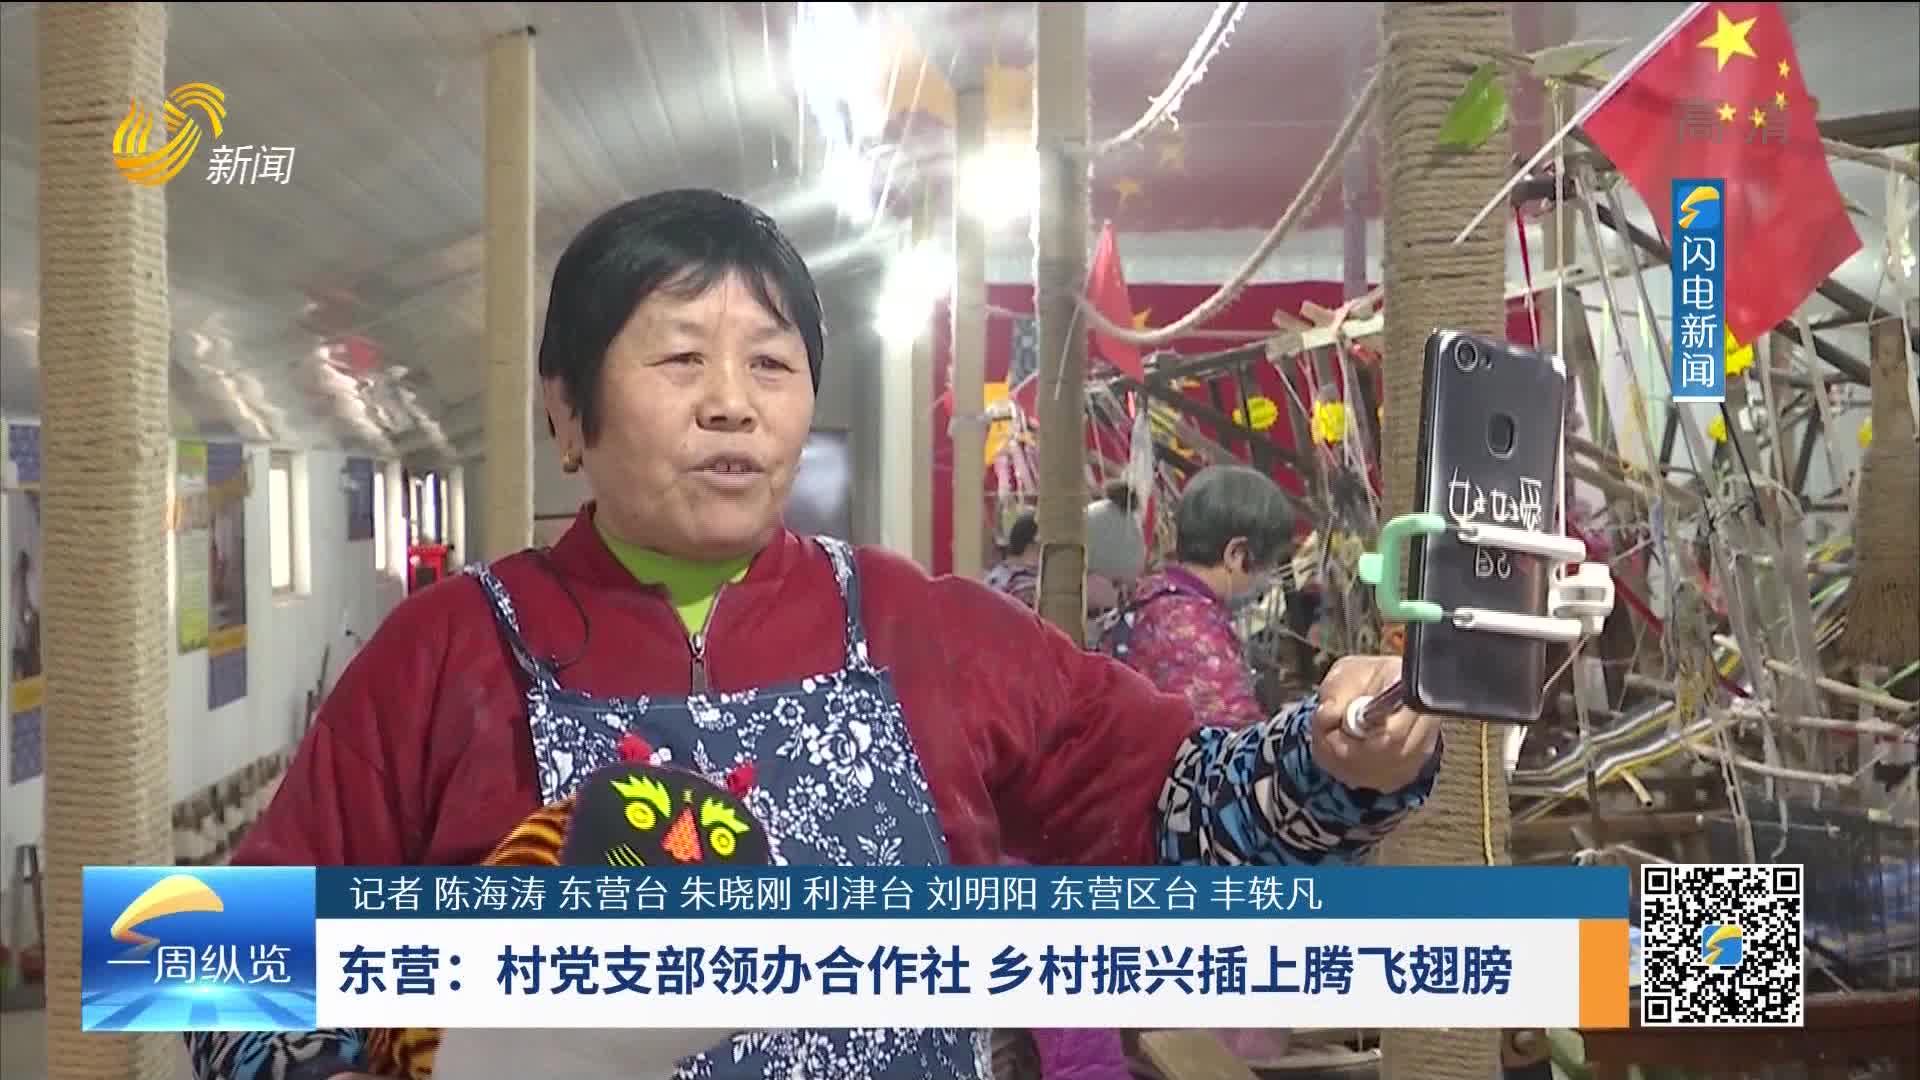 东营:村党支部领办合作社 乡村振兴插上腾飞翅膀